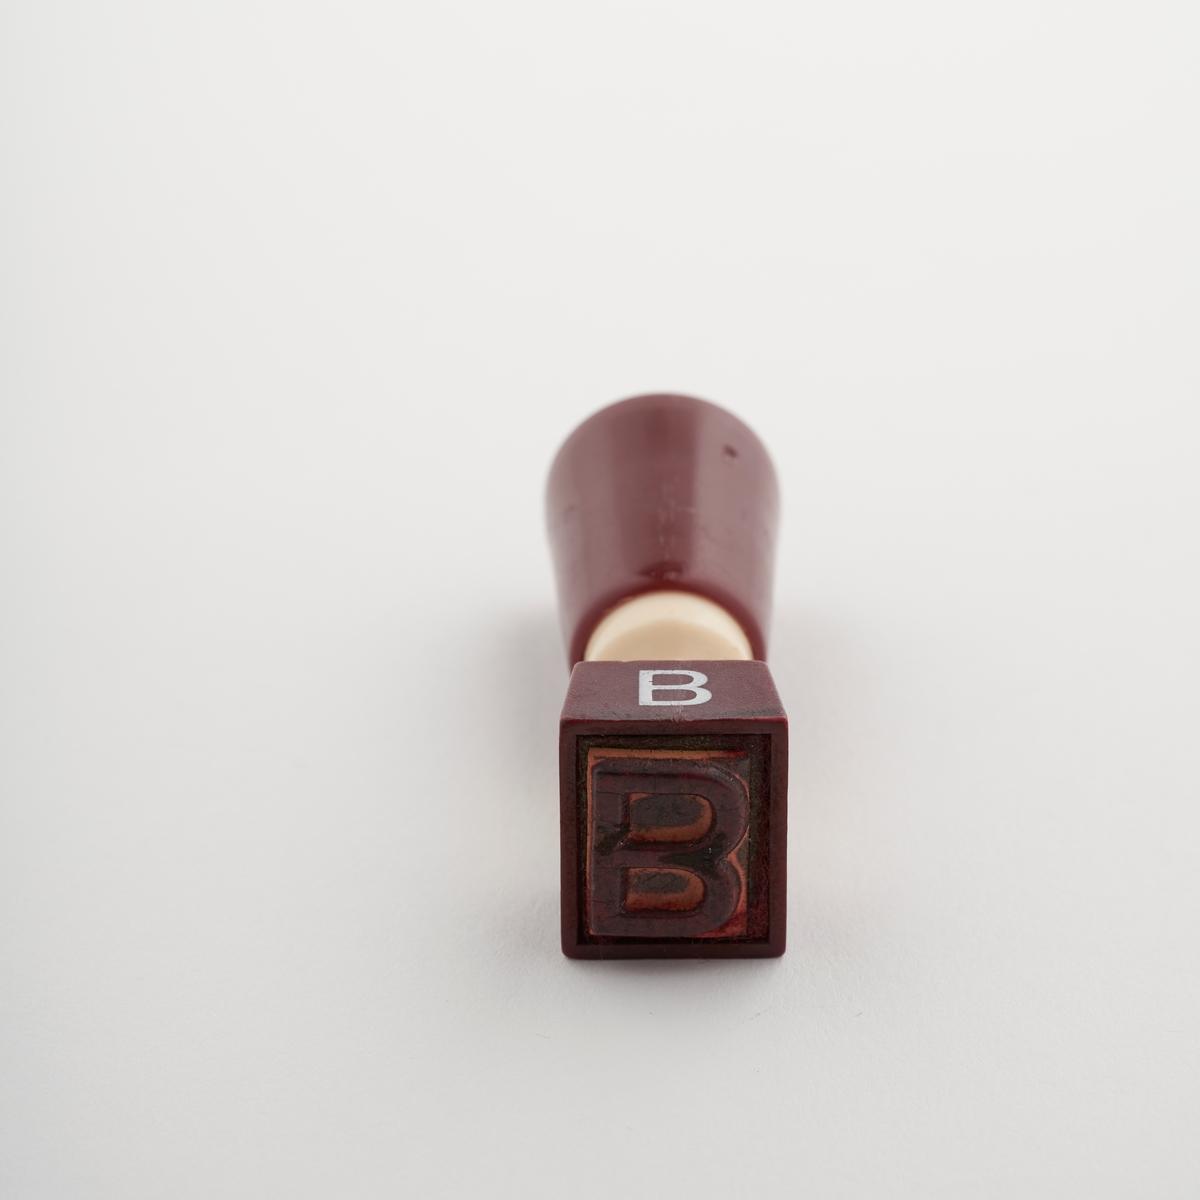 Stempel. Når man presser stempelet på papir lager det et merke med bokstaven B.  Stempelet ble brukt for å vise at et brev skulle sendes med B-post.  NAV-samlingen er en gruppe av gjenstander som har vært anvendt på sosialkontoret (Aetat - NAV) i Skedsmo kommune.